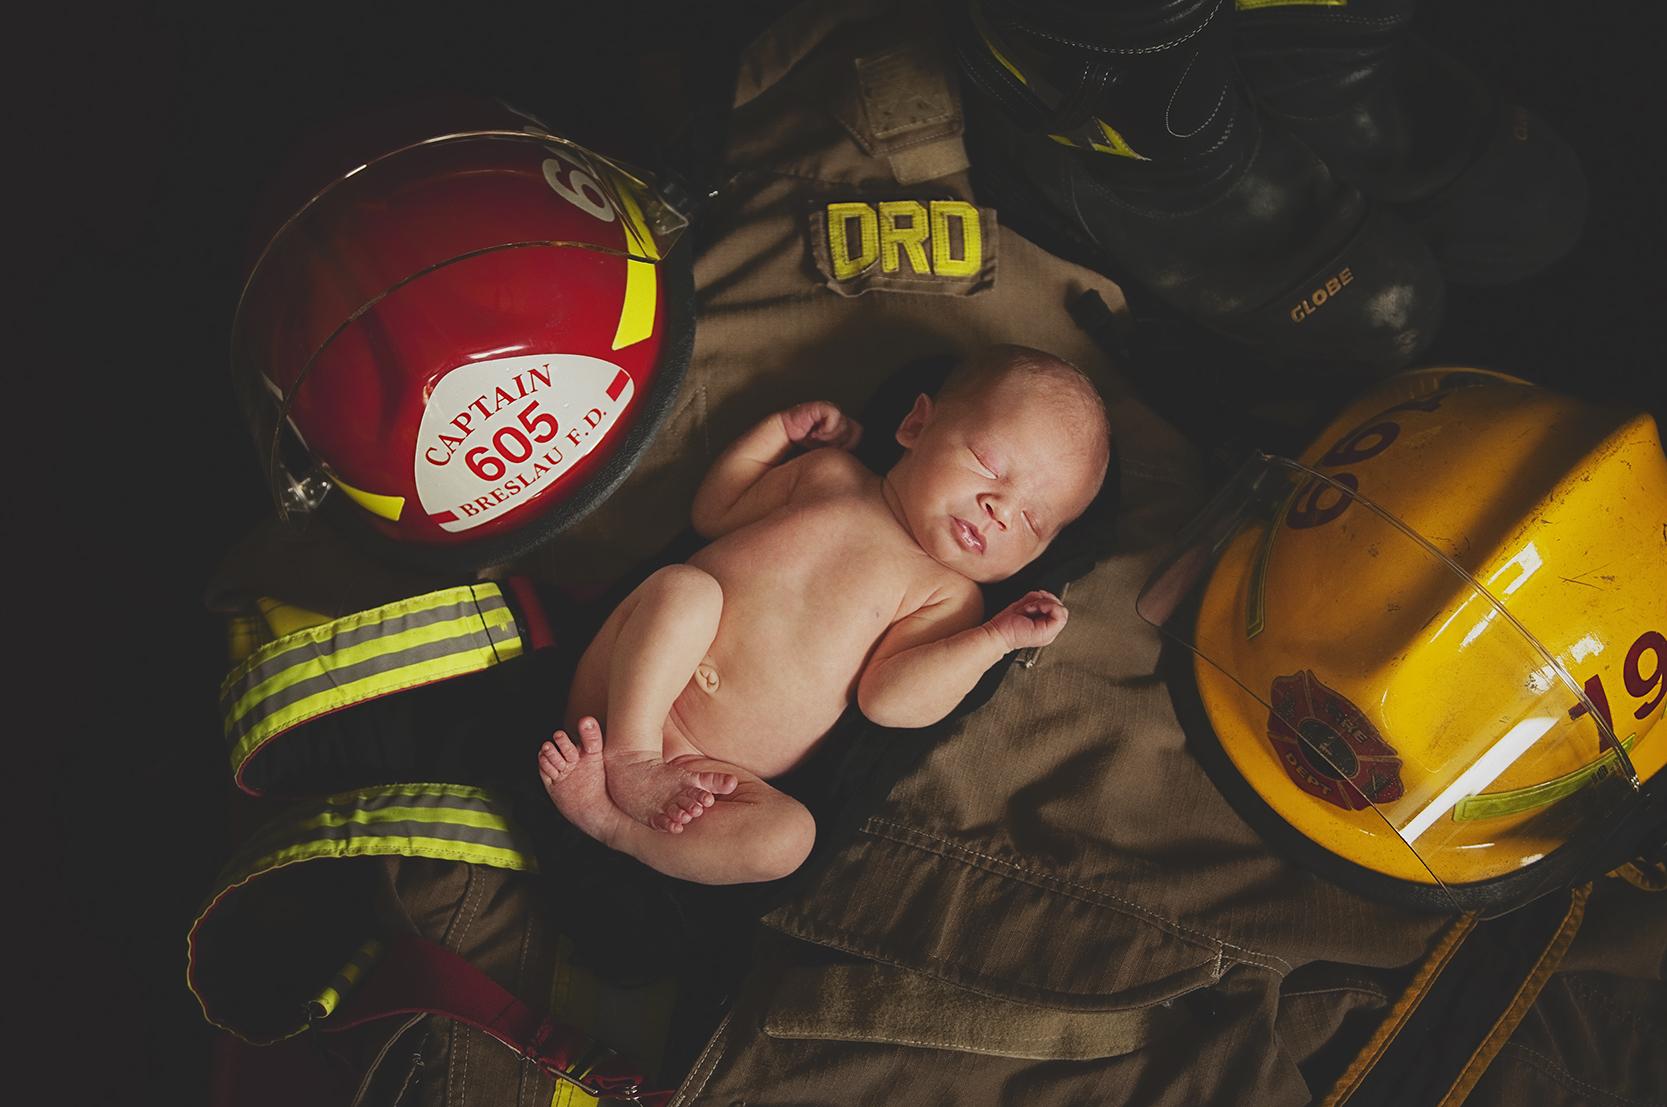 2012-05-30 - H on fire gear 2